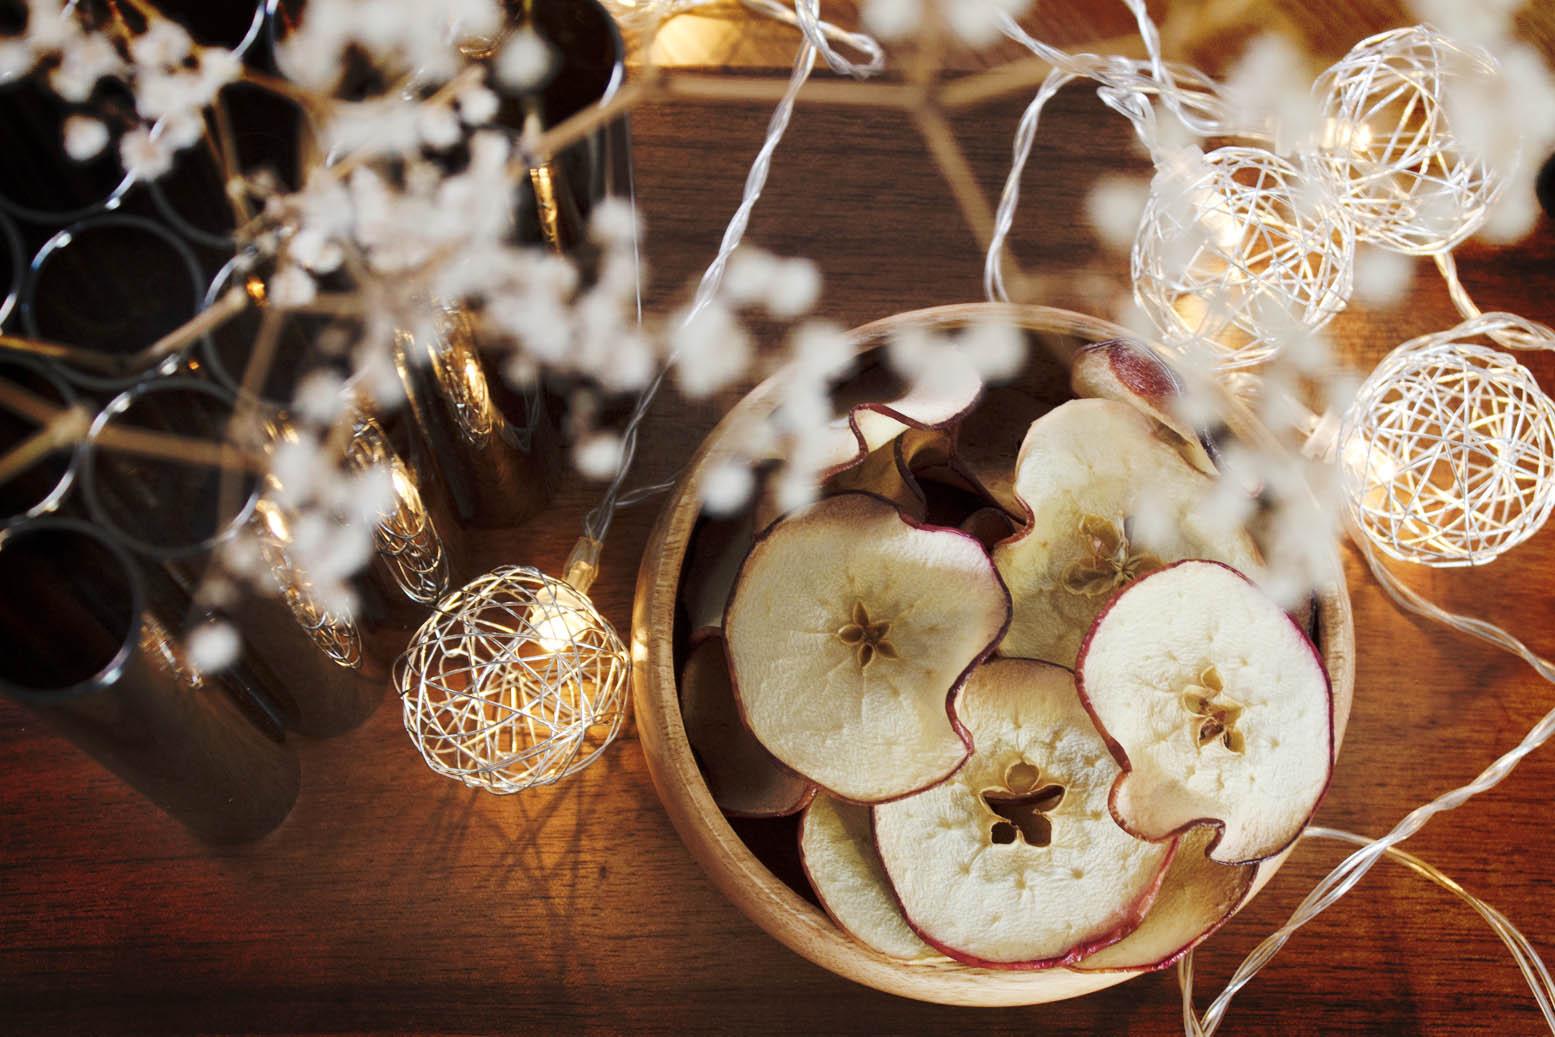 snack de maçã